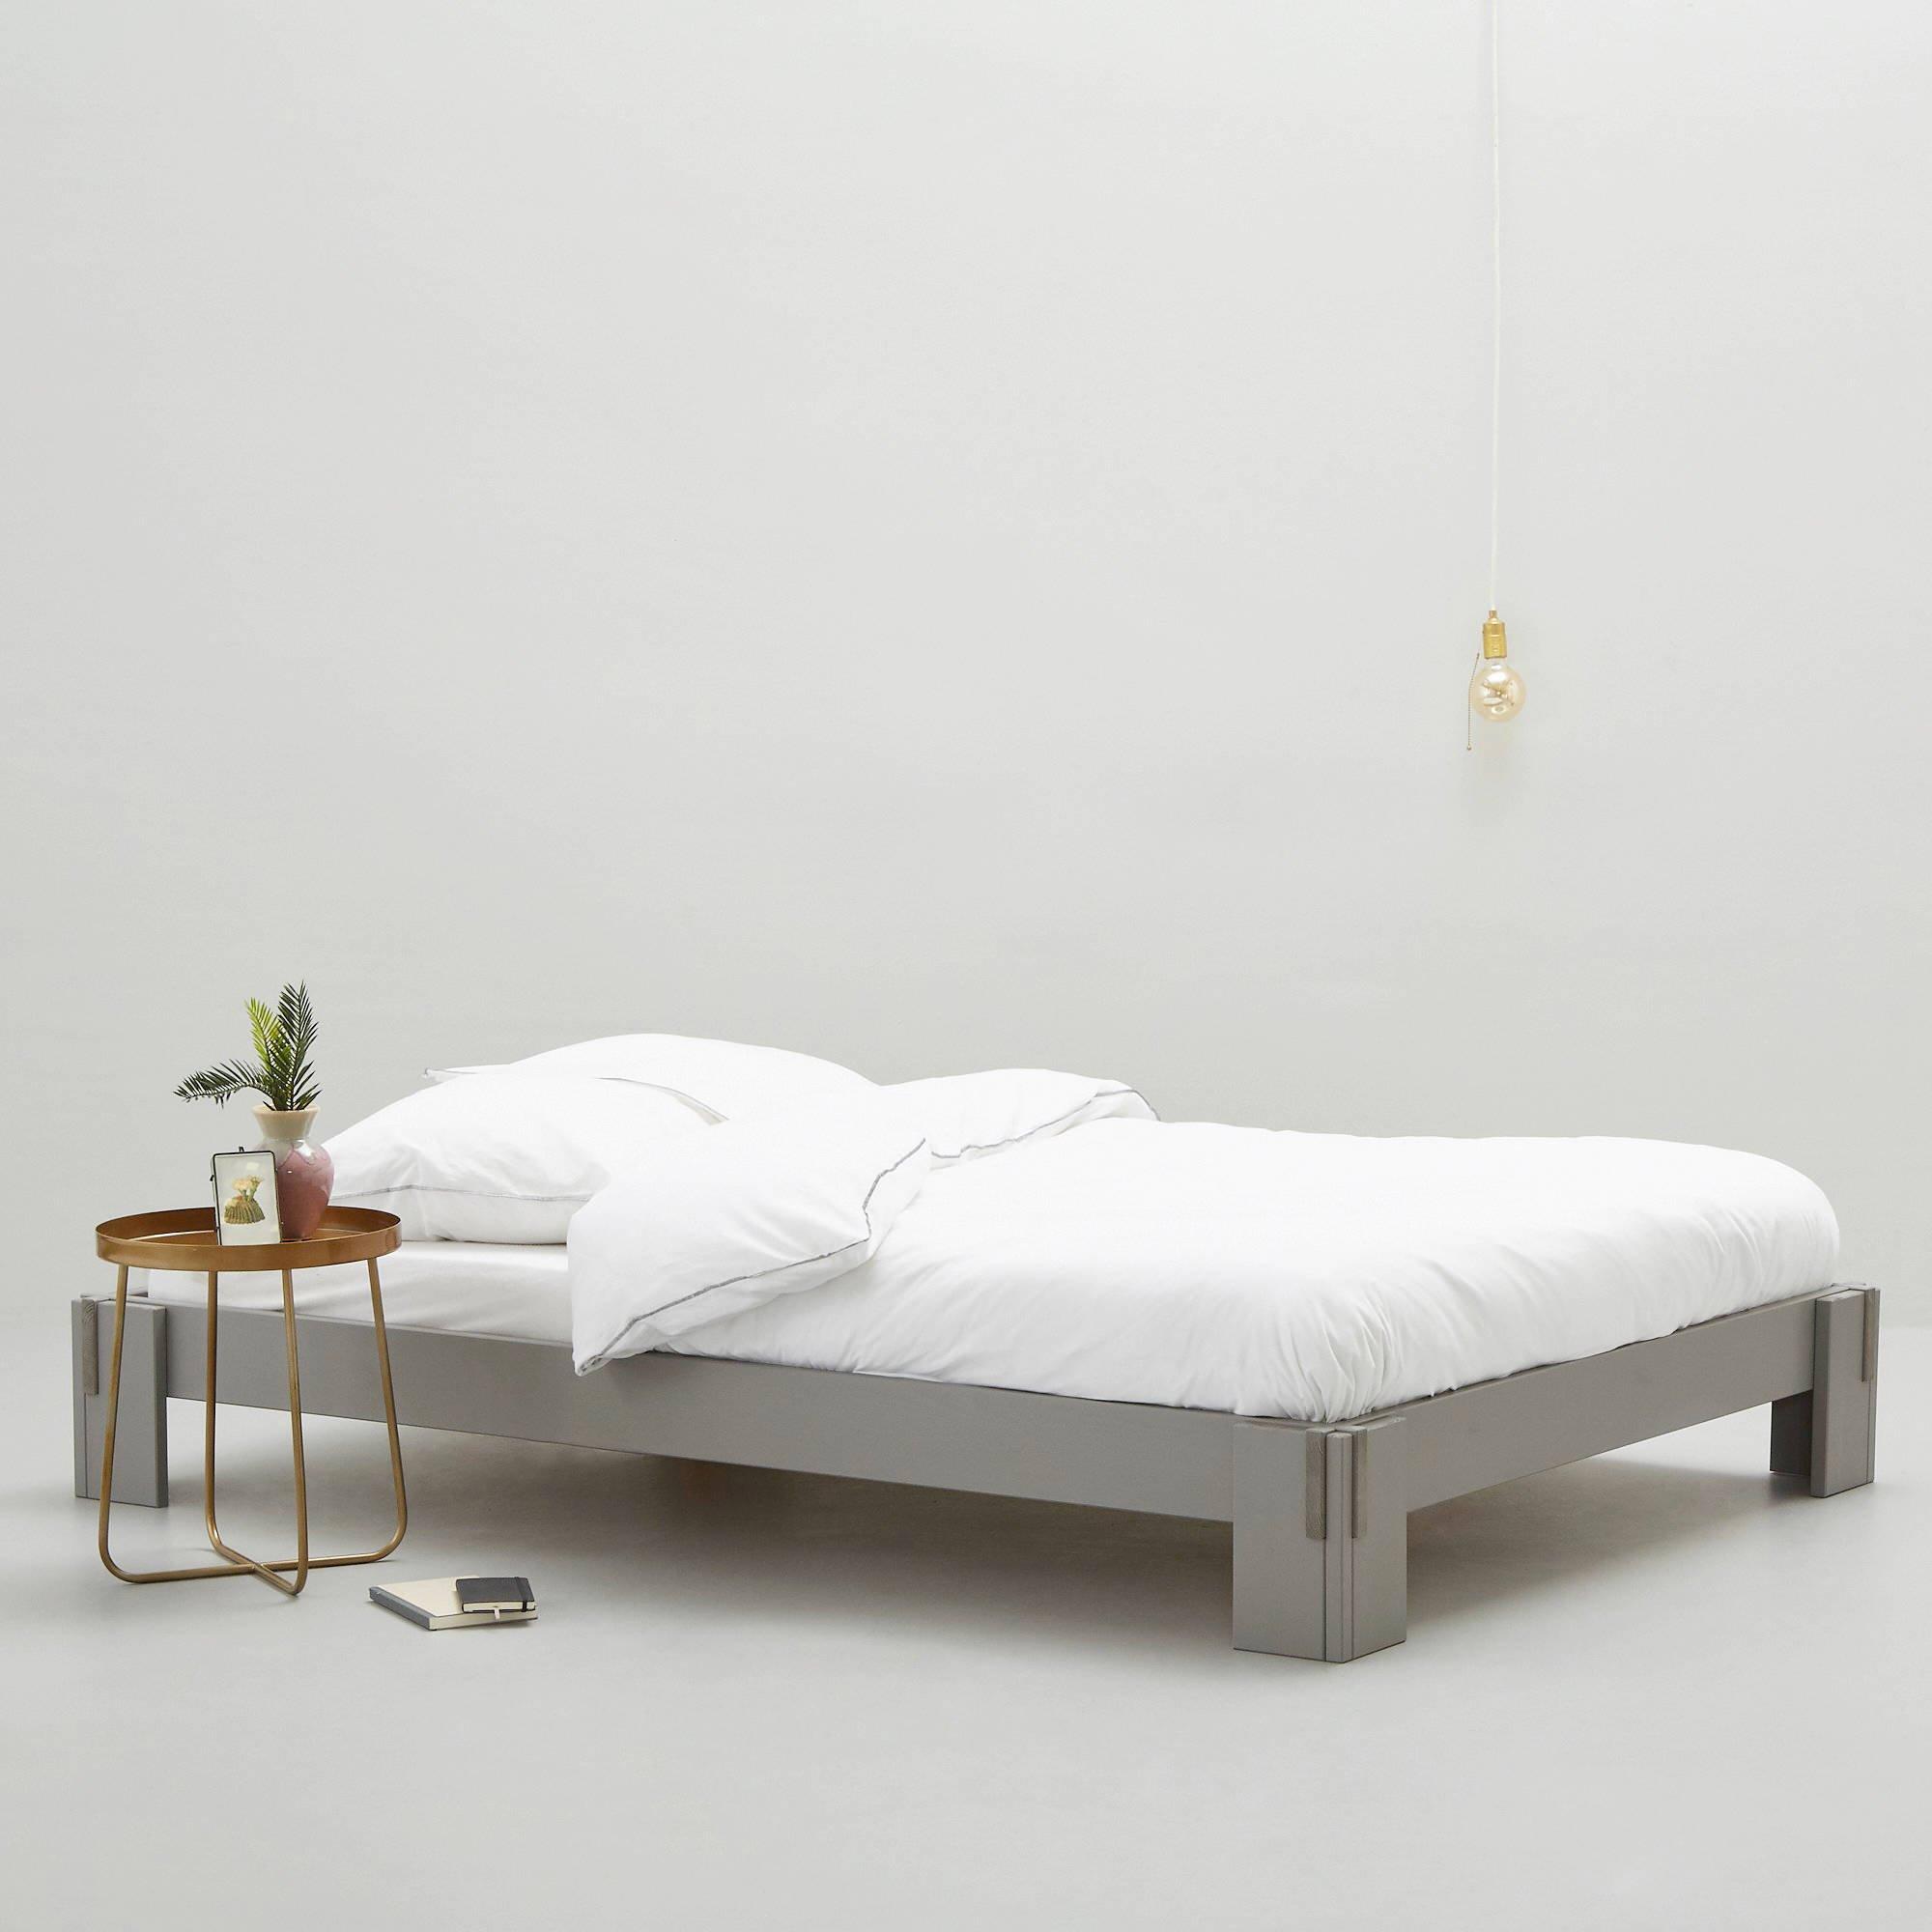 Aanbieding Compleet Bed.Tweepersoonsbedden Bij Wehkamp Gratis Bezorging Vanaf 20